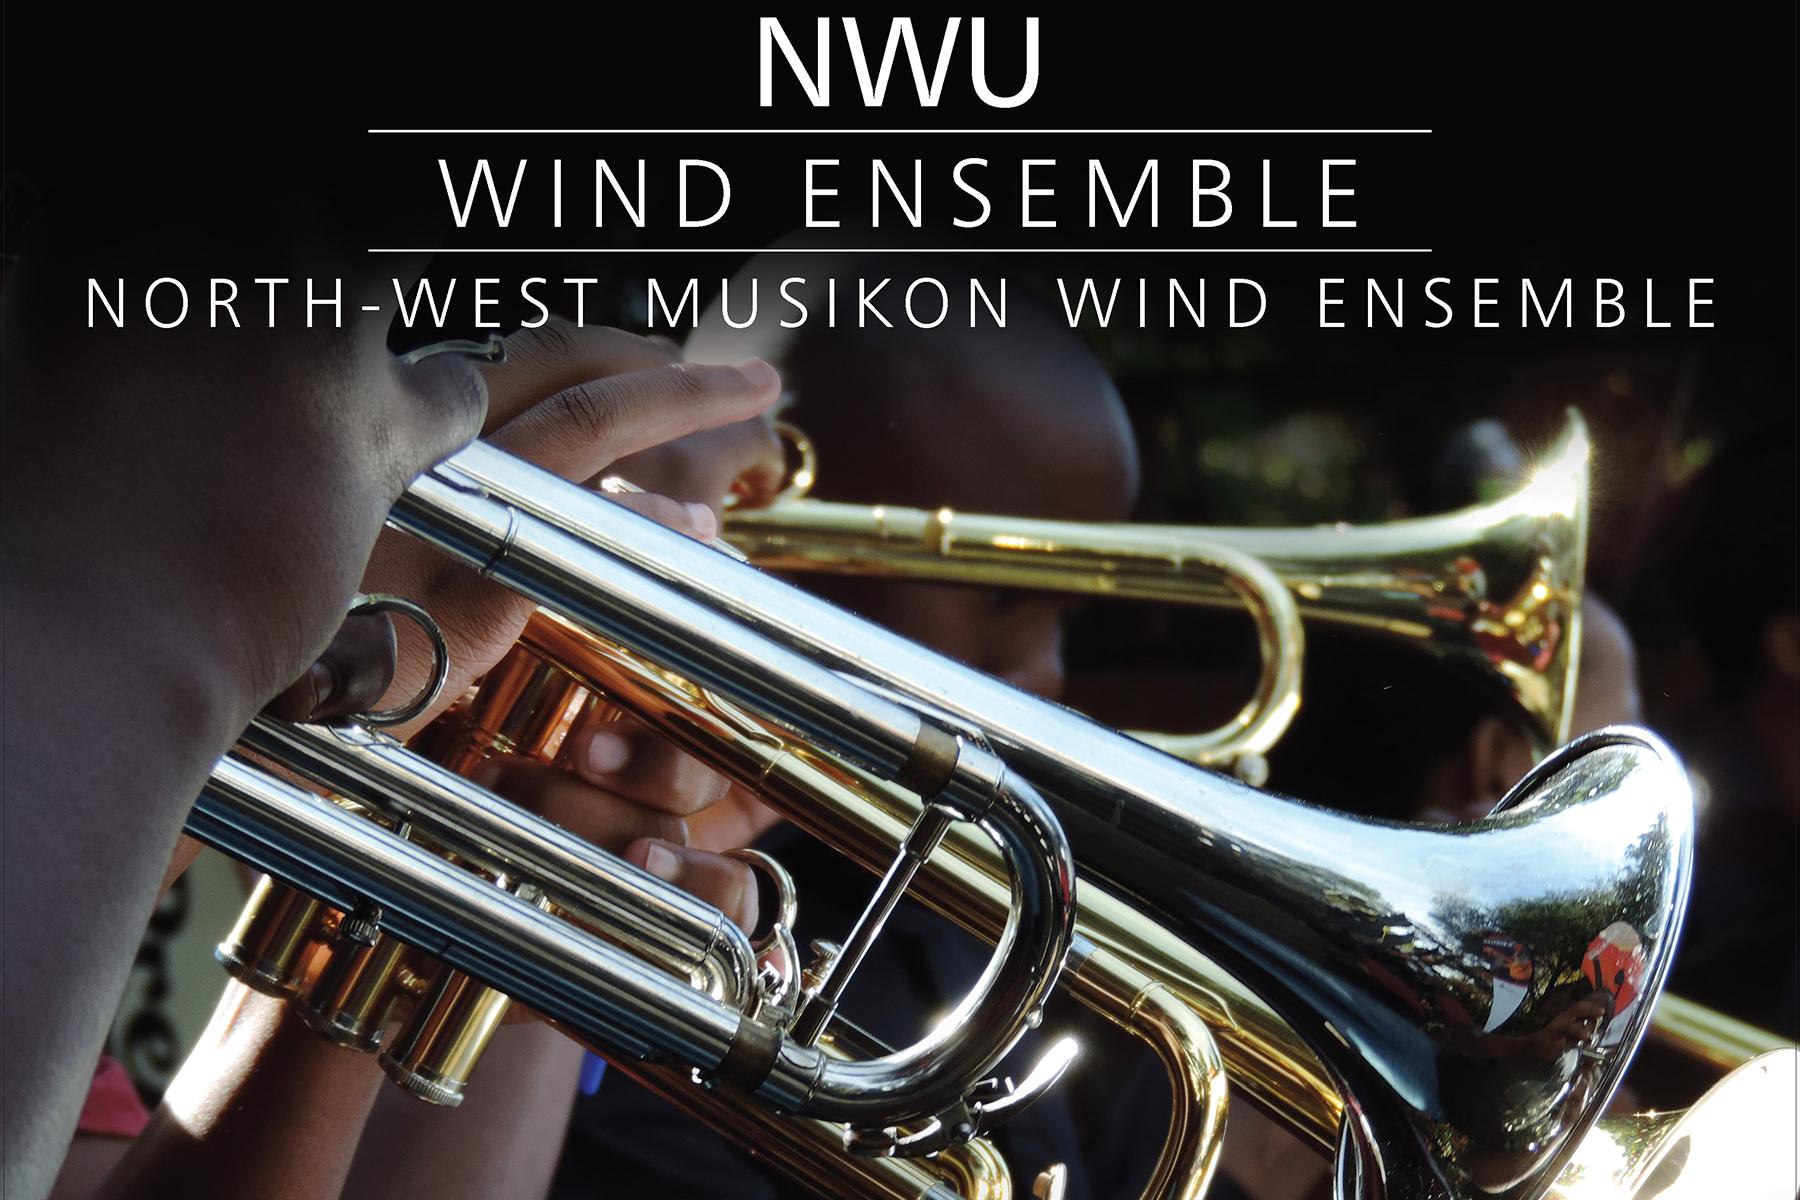 Joint concert by Potchefstroom & Klerksdorp wind bands — 27 August 2014